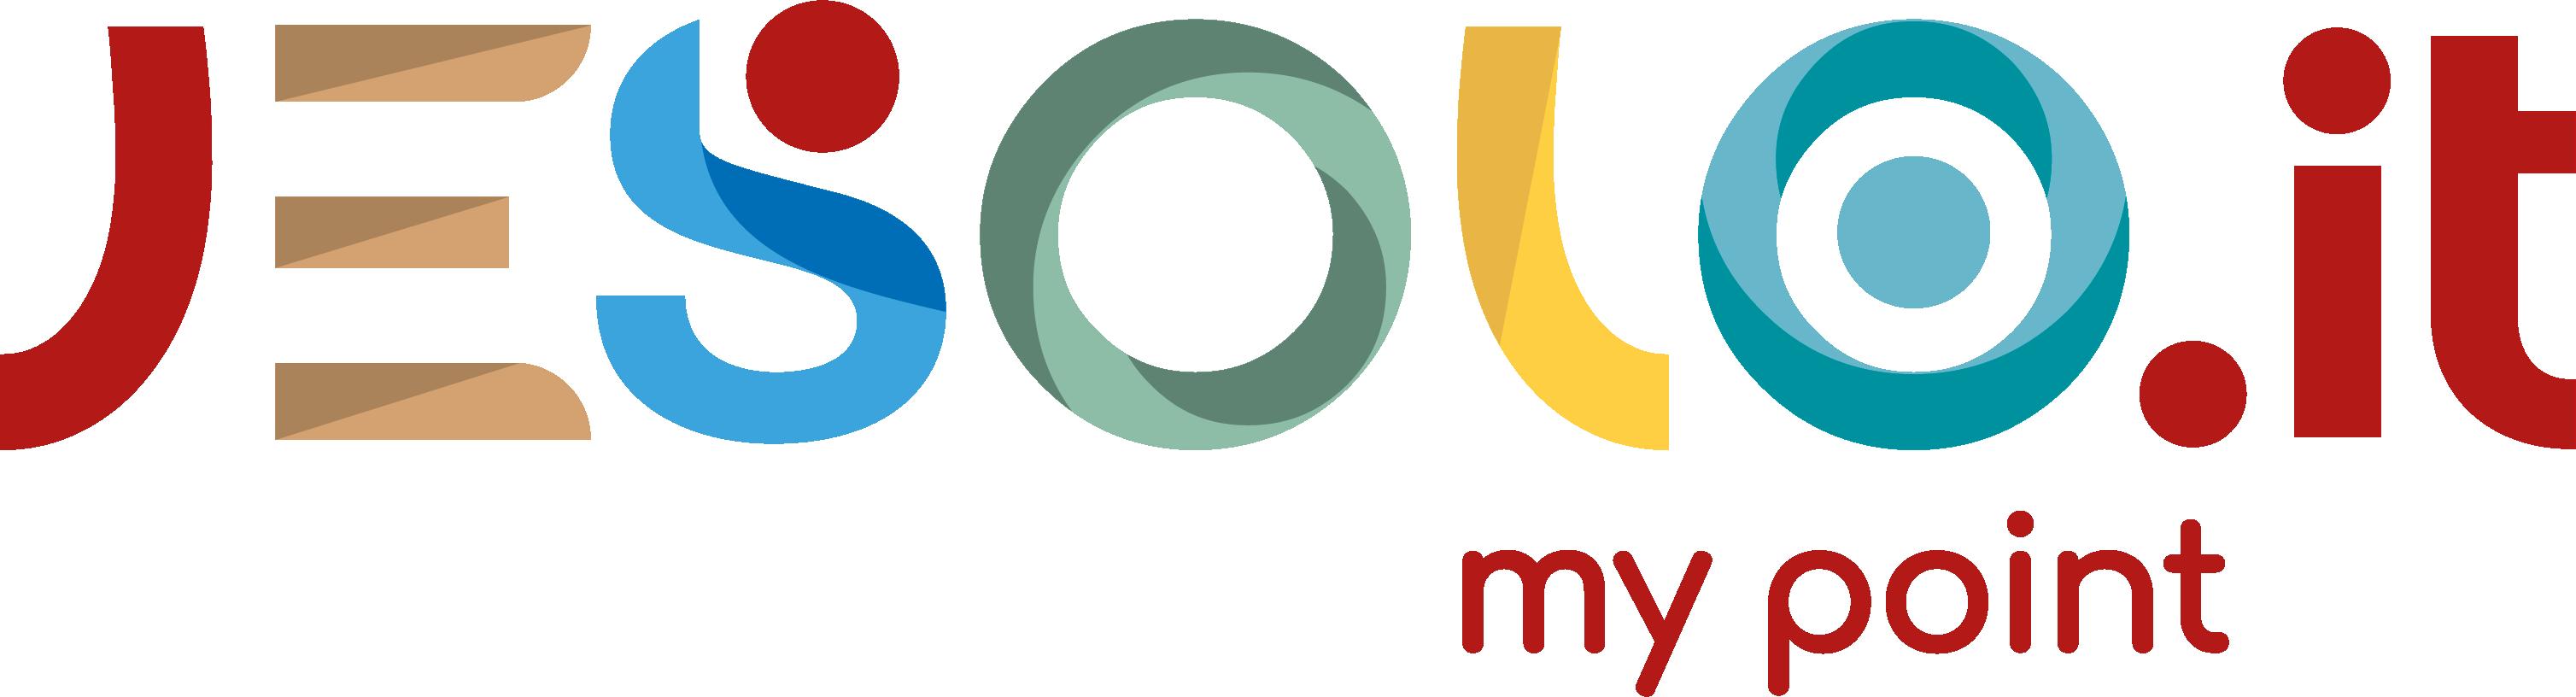 Logo Jesolo colorato